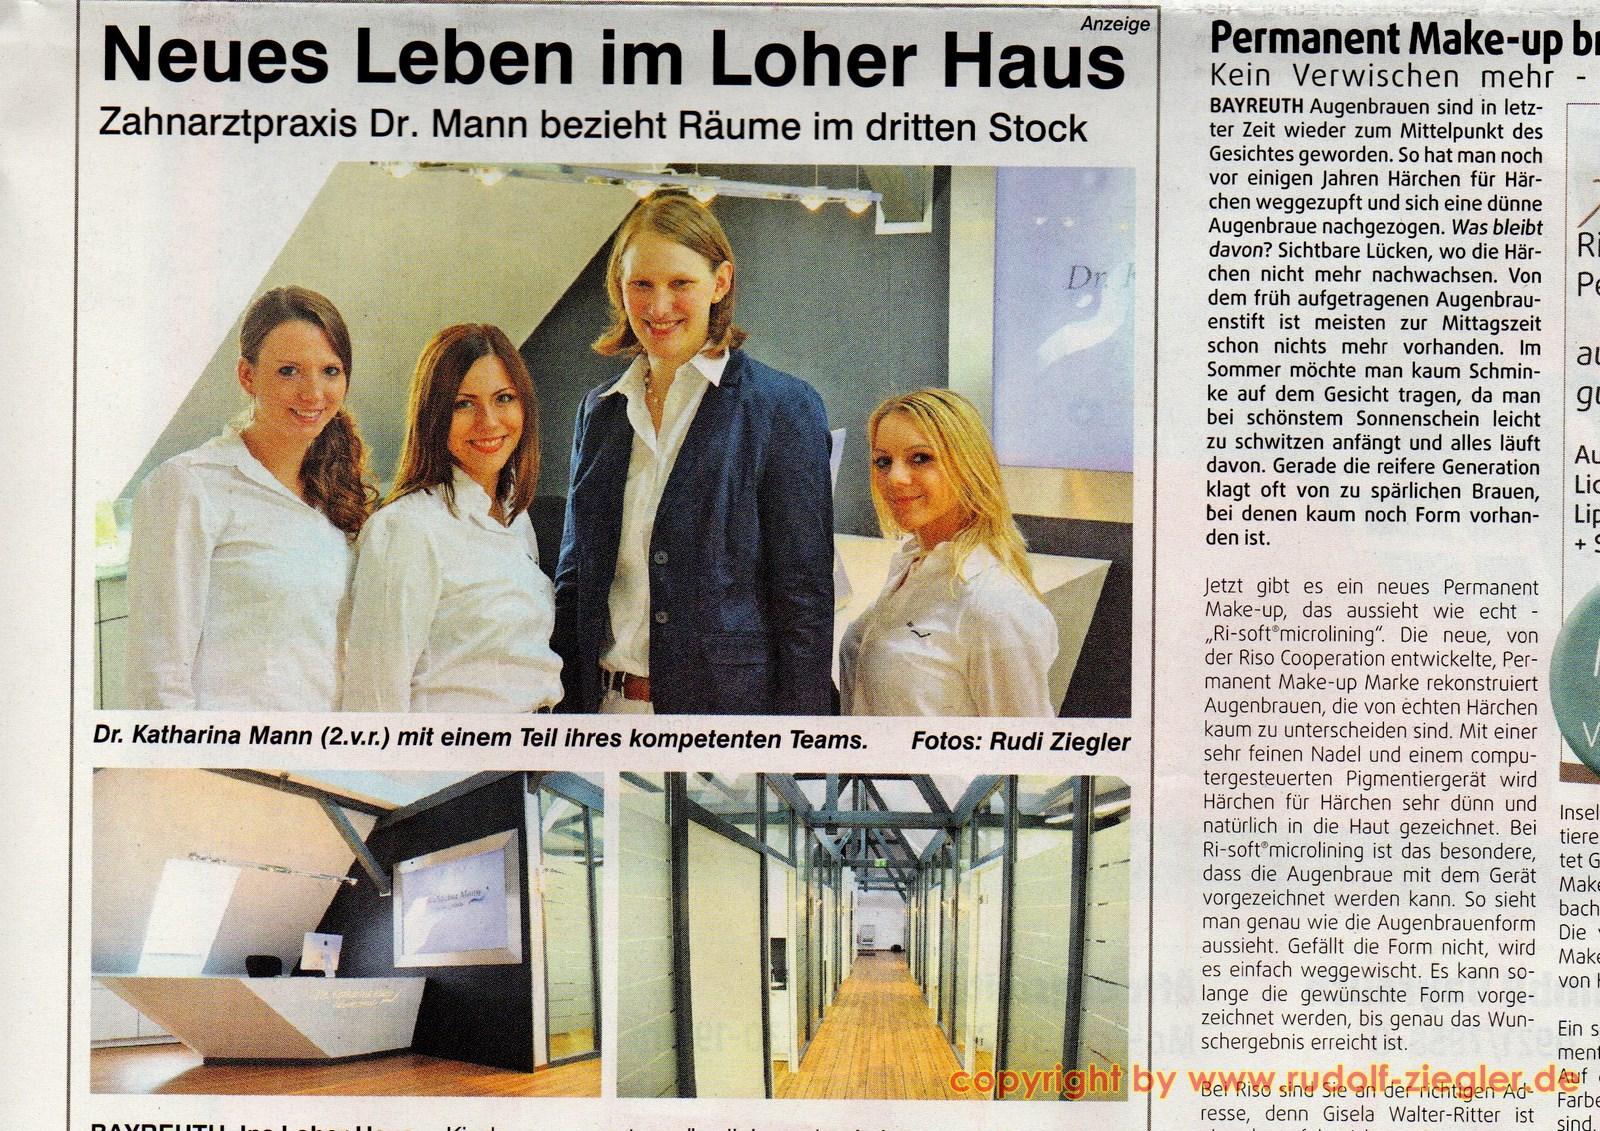 Bayreuther Sonntagszeitung 2016-06-05-A (1600x1200)